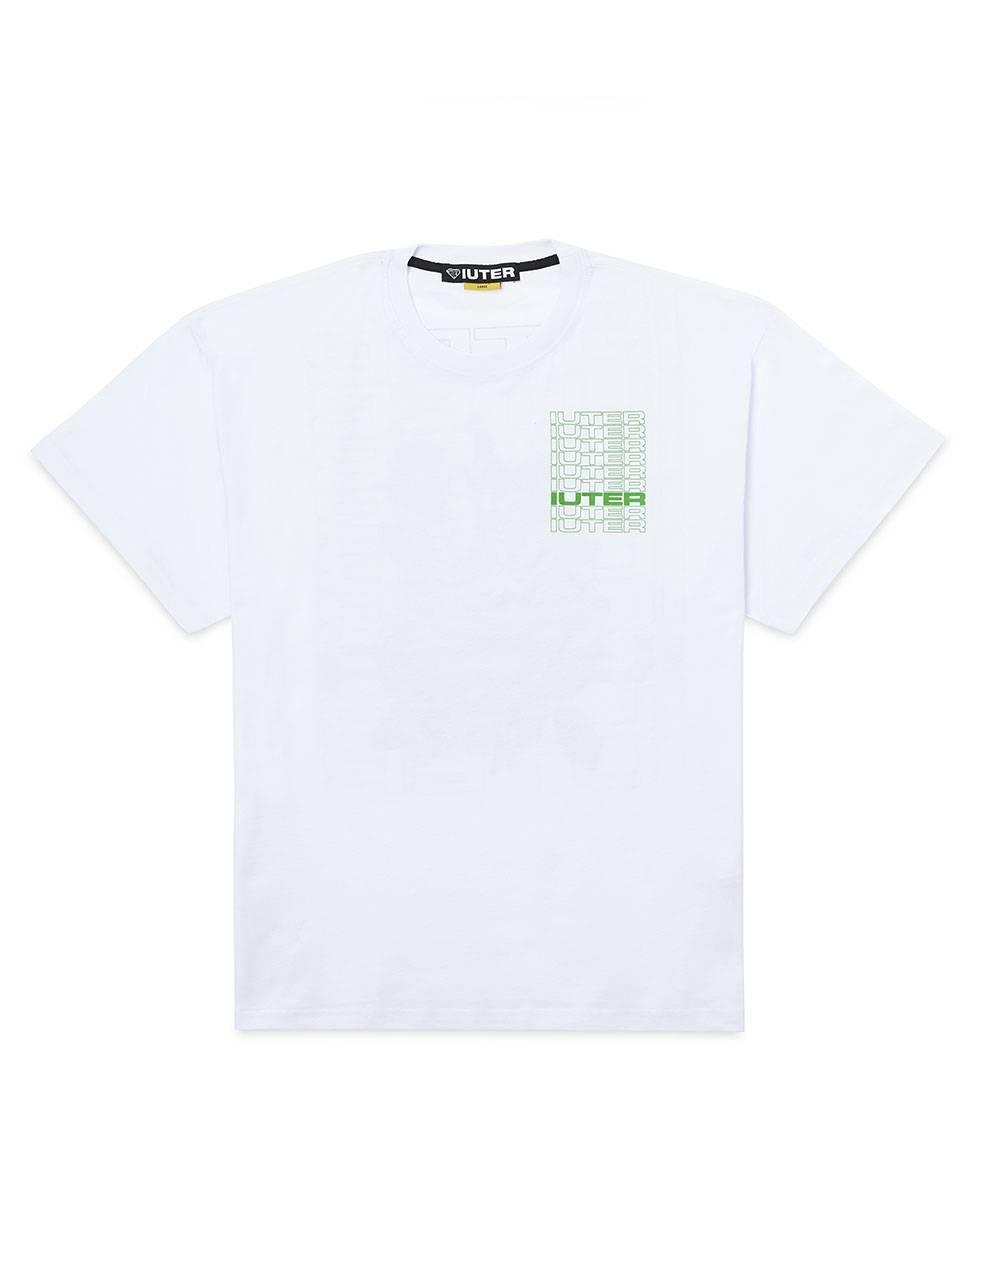 Iuter Spine tee - White IUTER T-shirt 45,00€